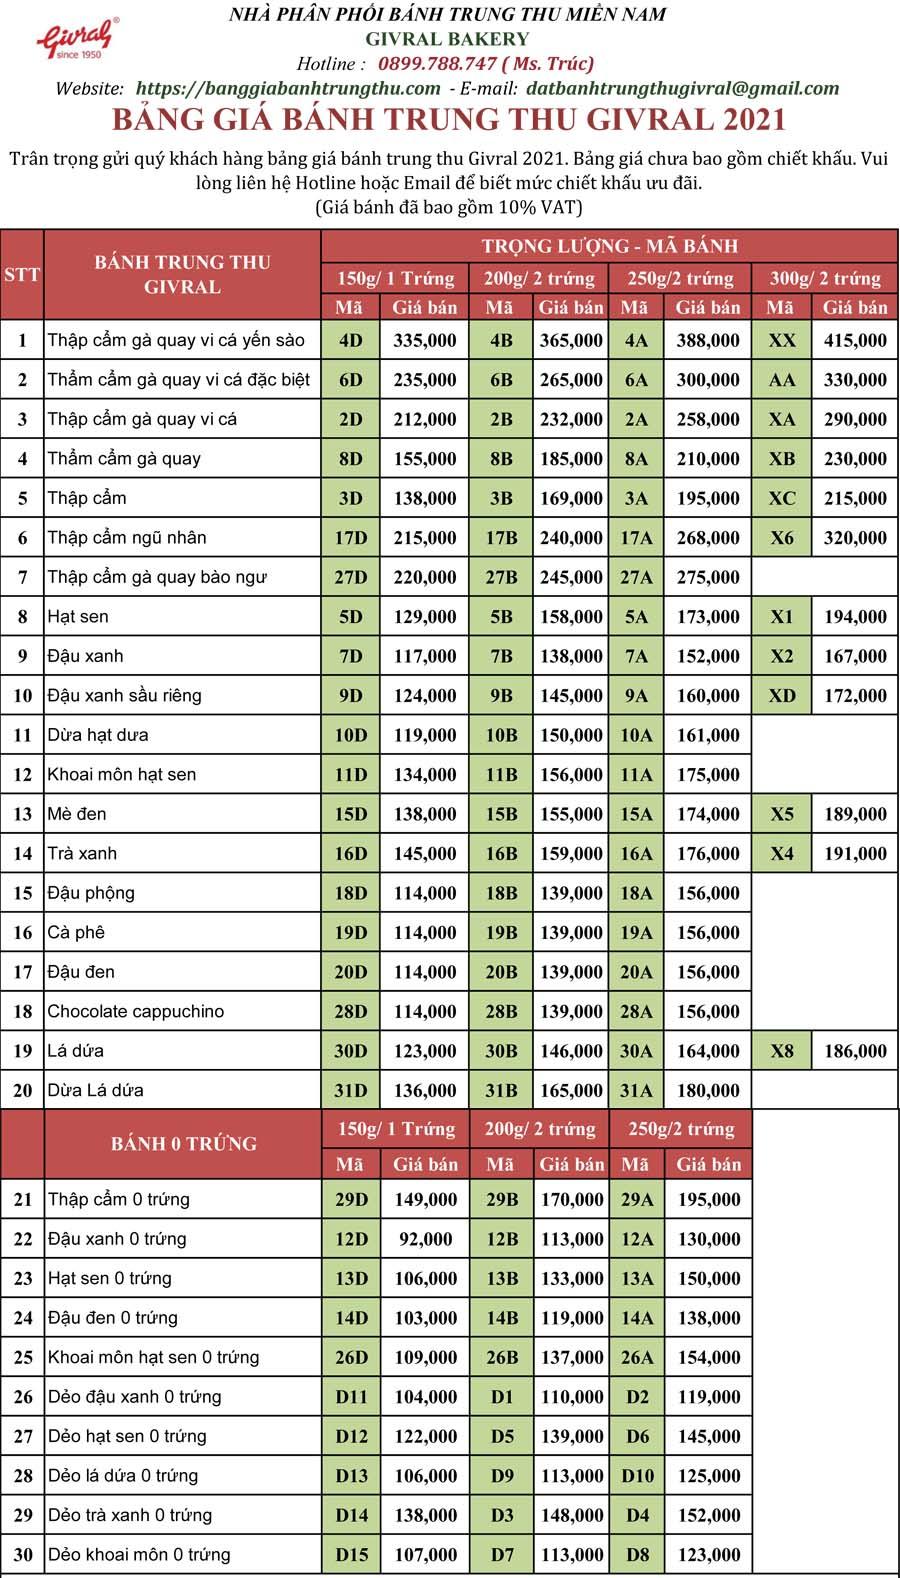 Bảng giá bánh trung thu Givral 2021